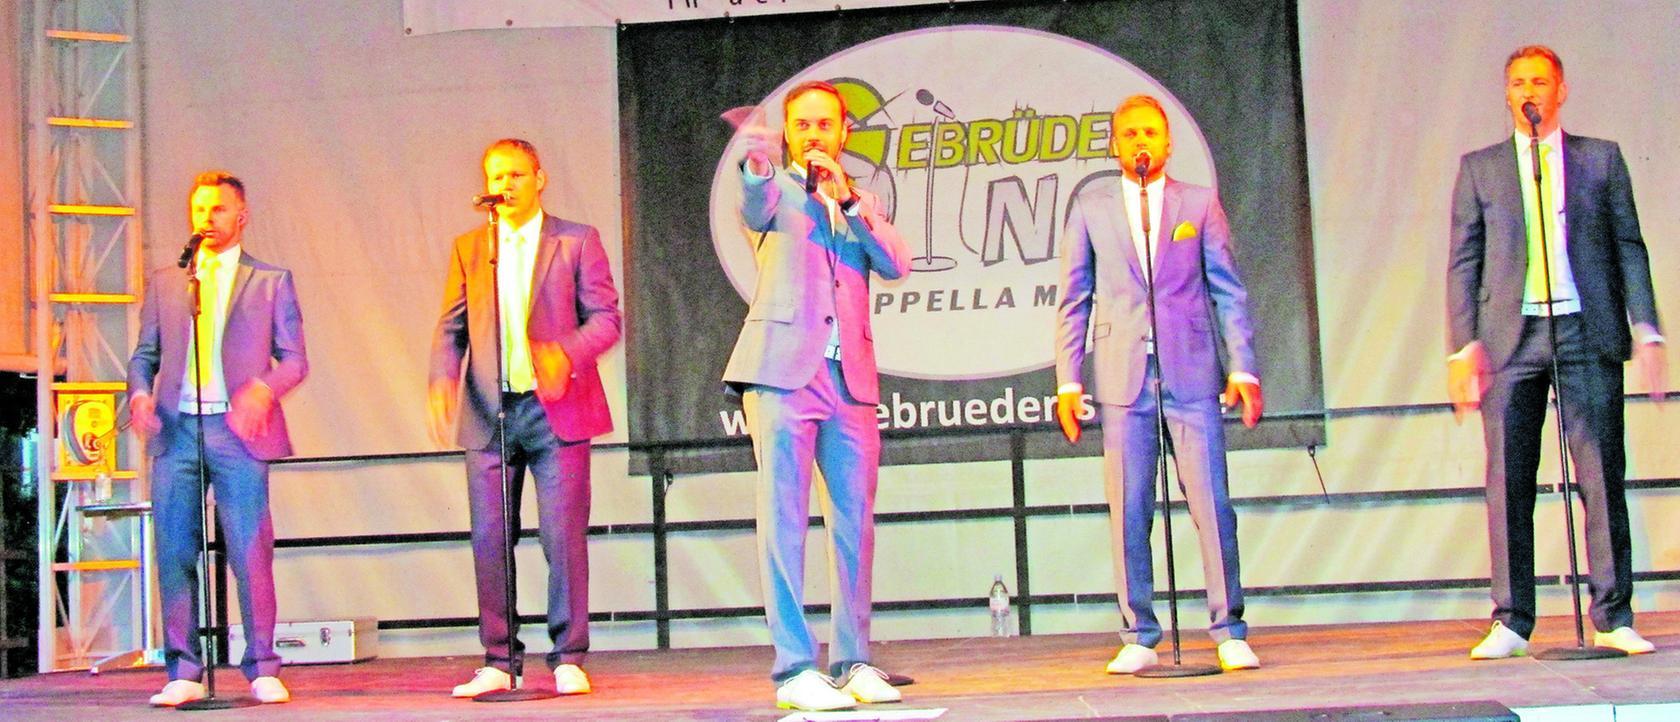 Die Gebrüder Sing begeistern bei ihrem Auftritt nicht nur mit Musik, sondern auch mit schauspielerischen Einlagen.